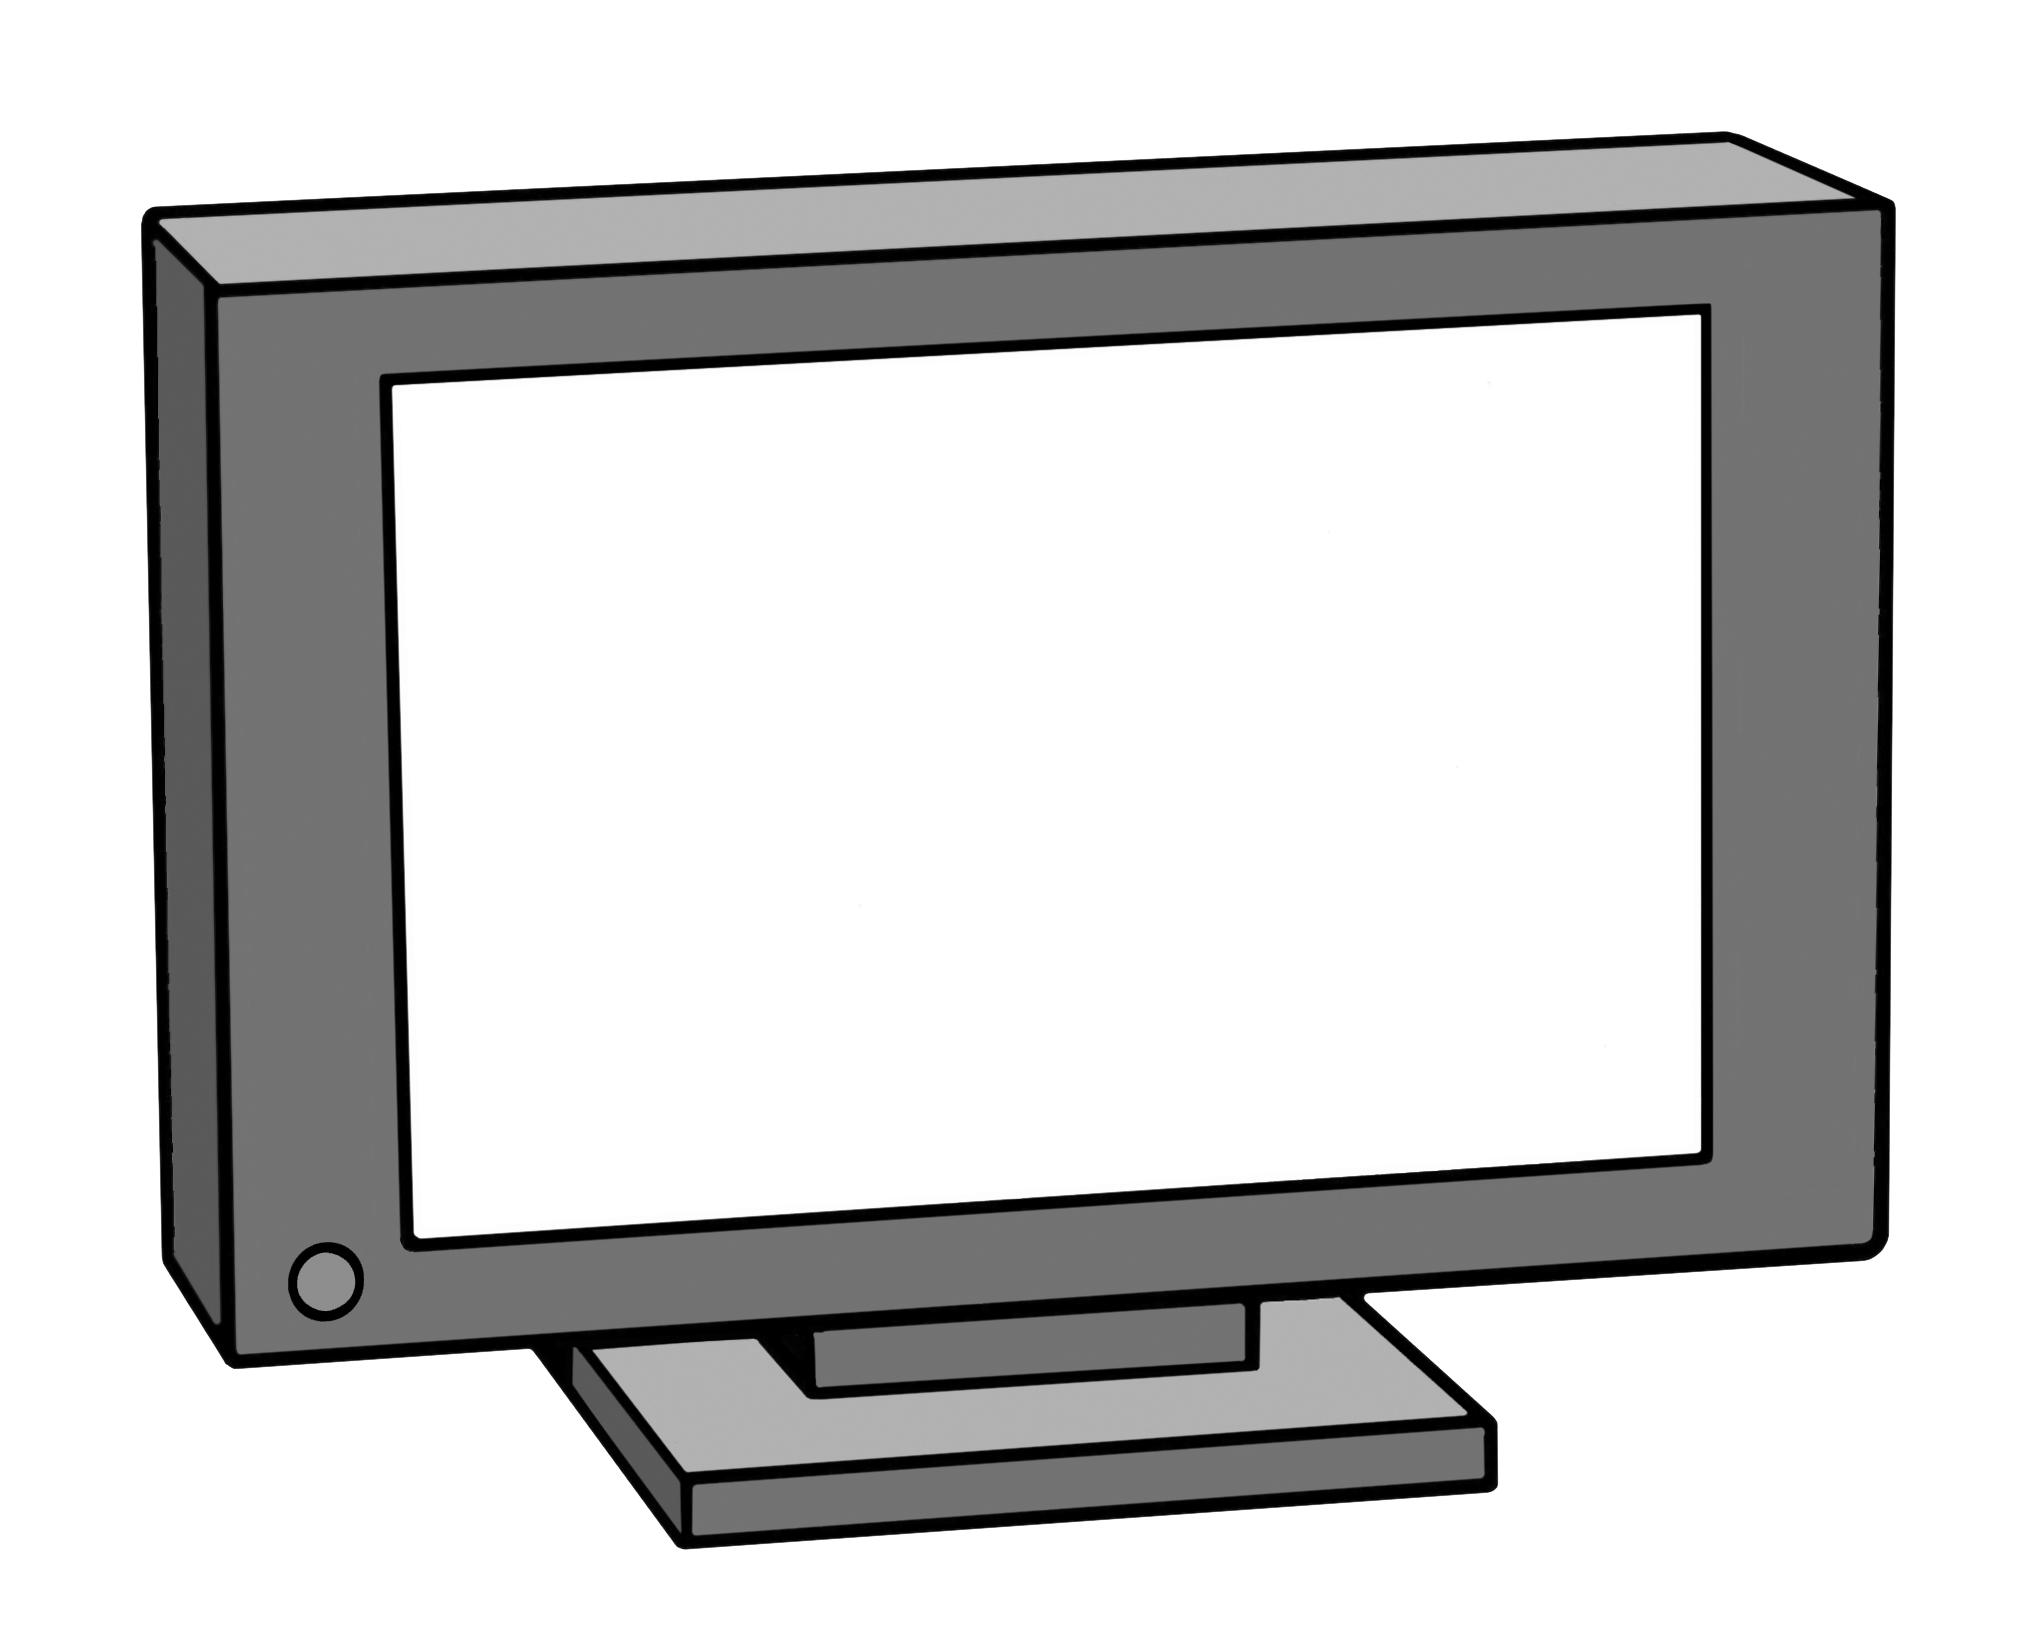 Fernseher - Television - Leichte Sprache